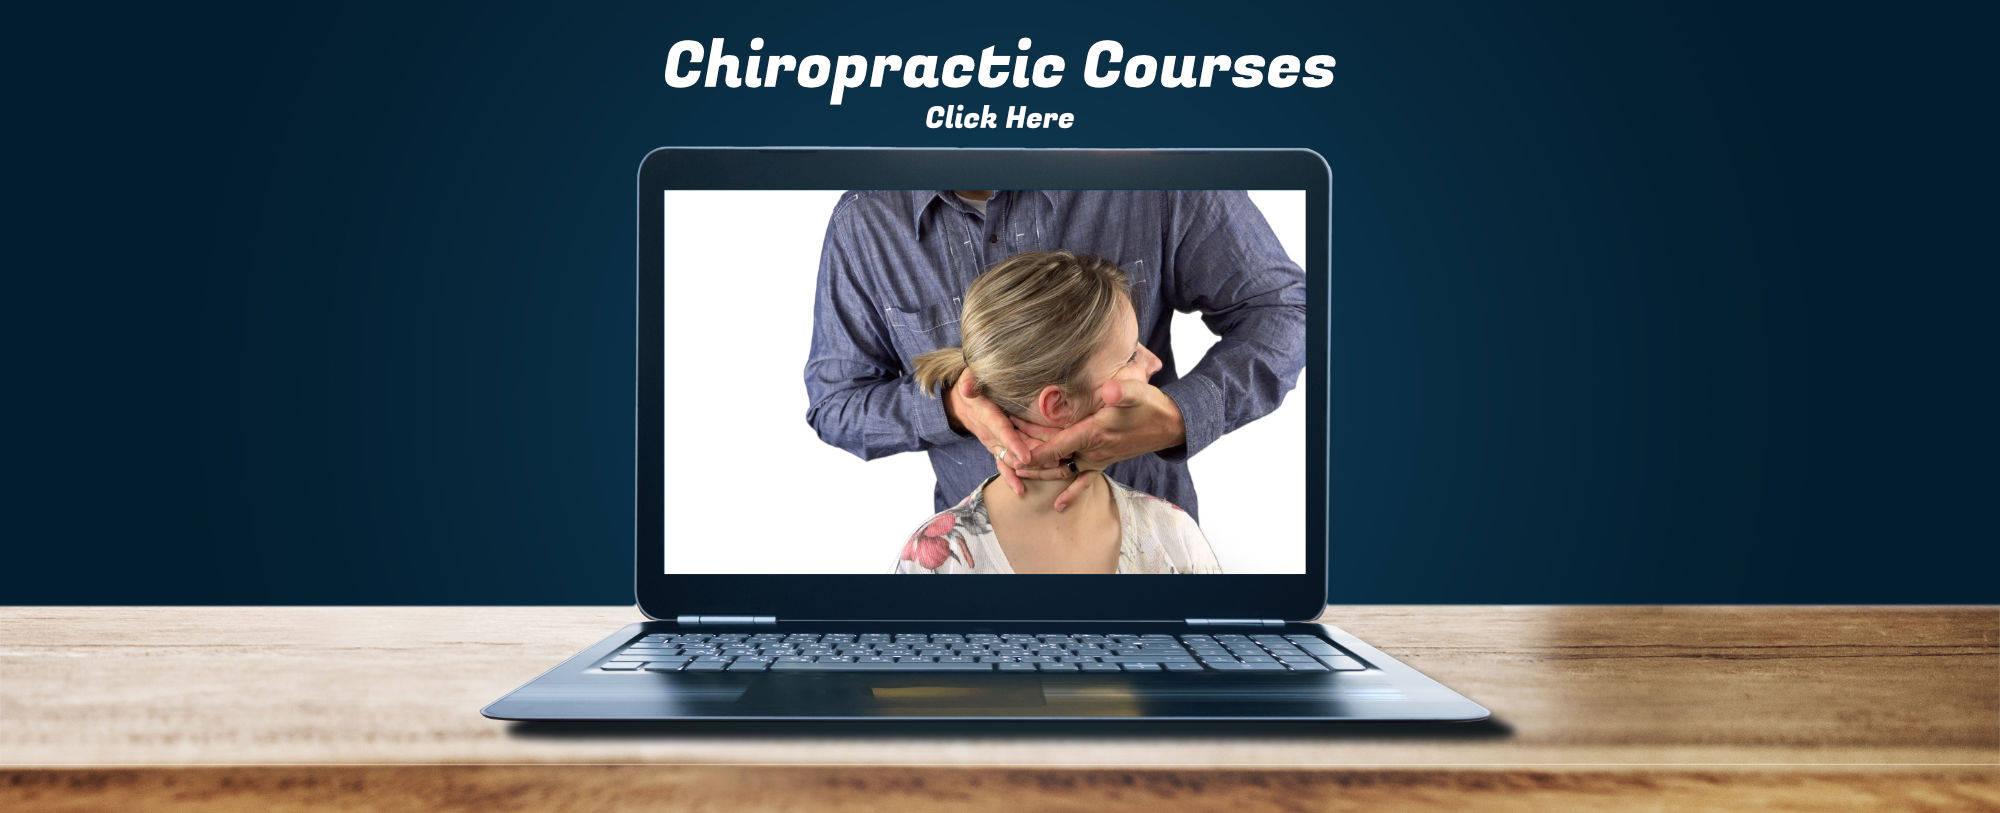 Chiropractic Courses Online, Seminars